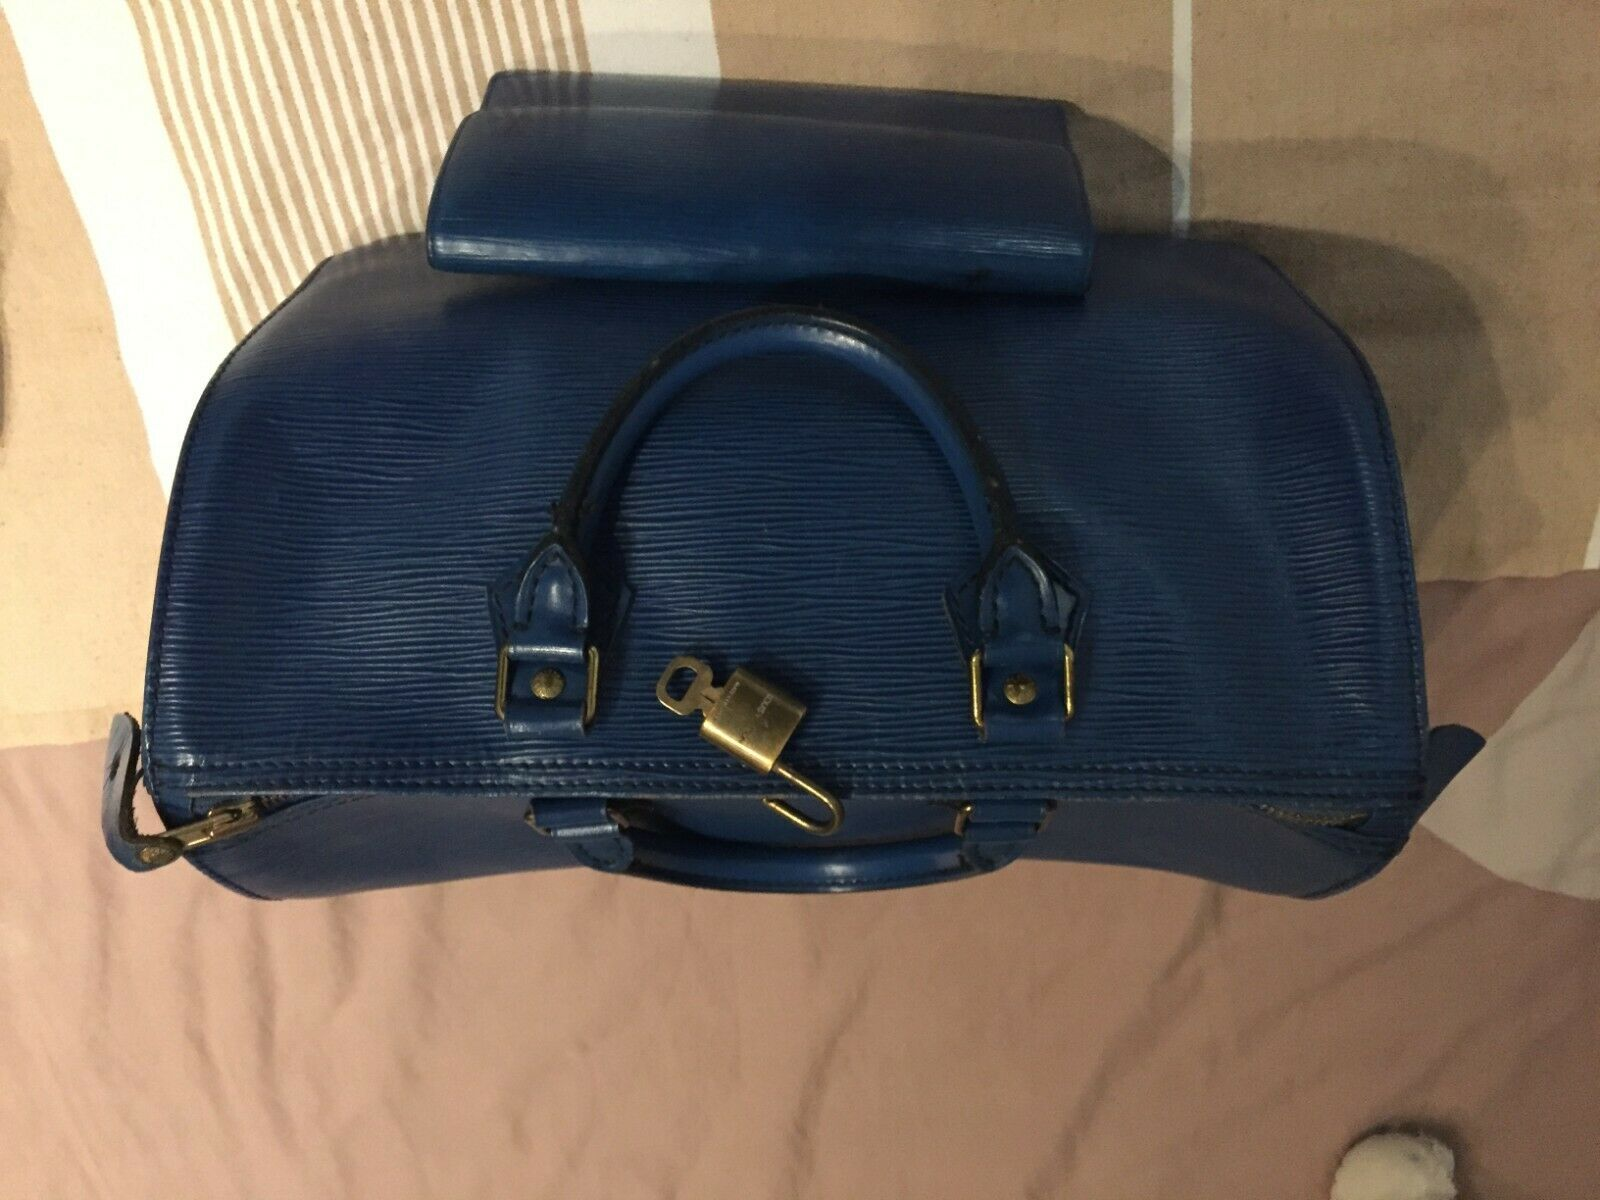 Sac louis vuitton modèle speedy 30 cuir epi bleu + portefeuille